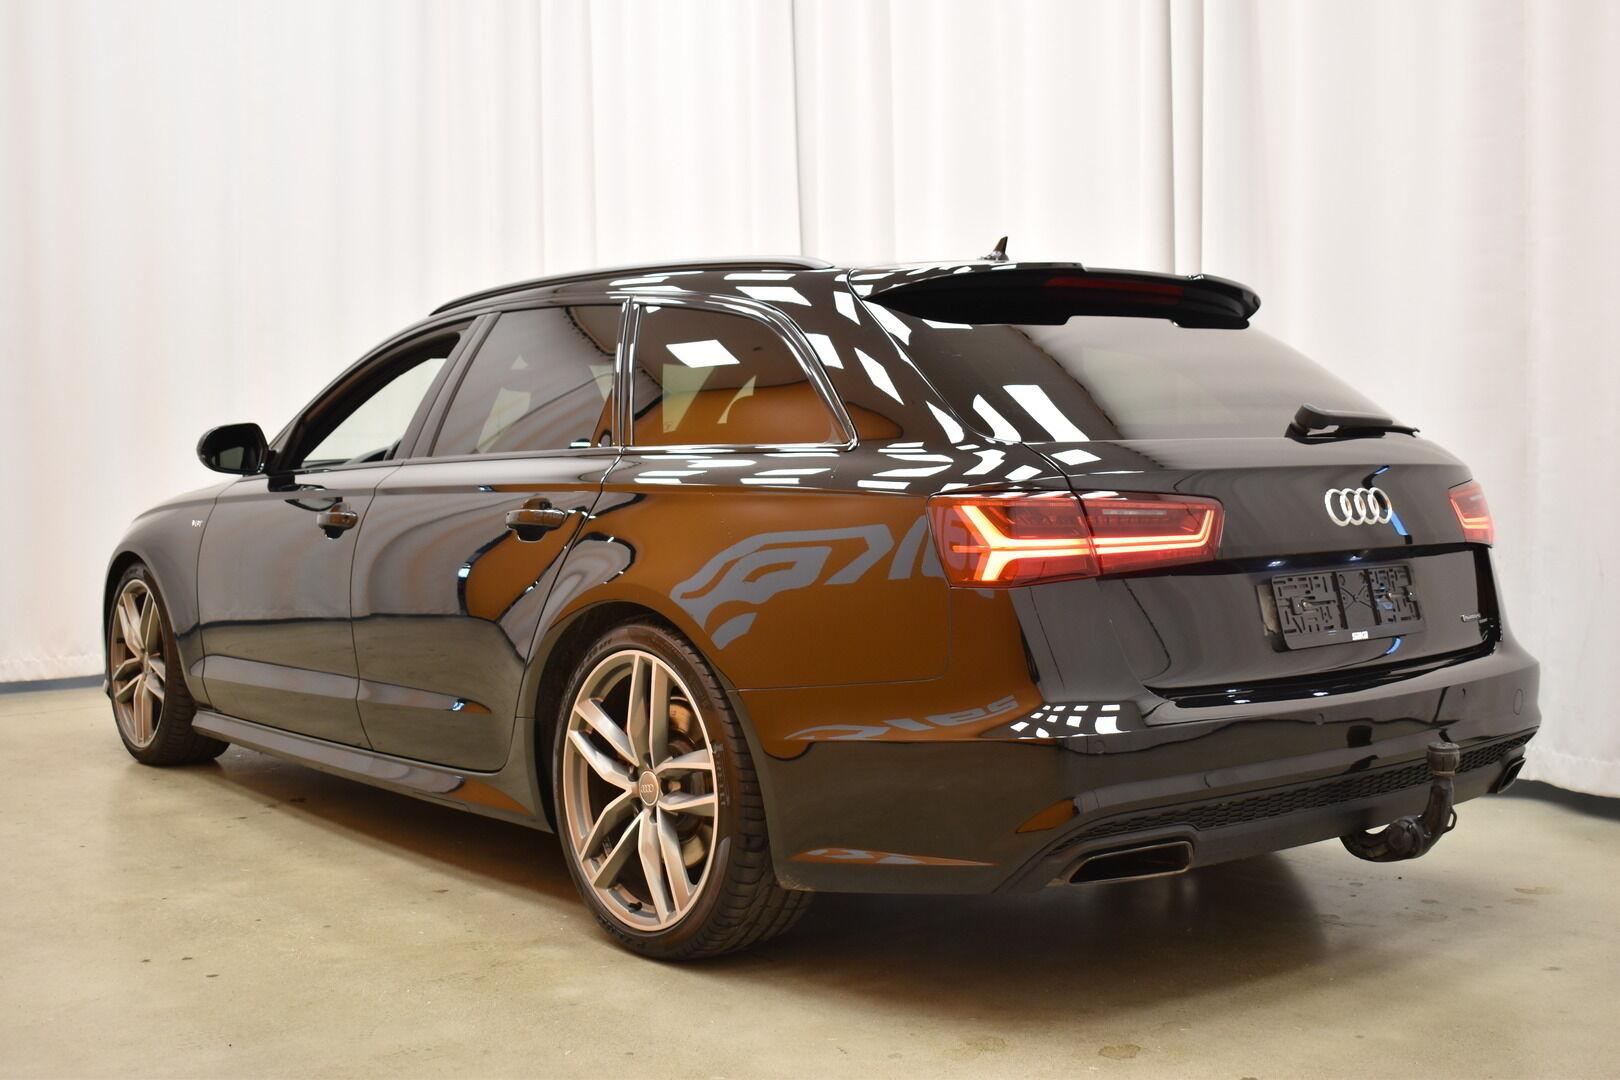 Musta Farmari, Audi A6 – OUL-89168, kuva 5